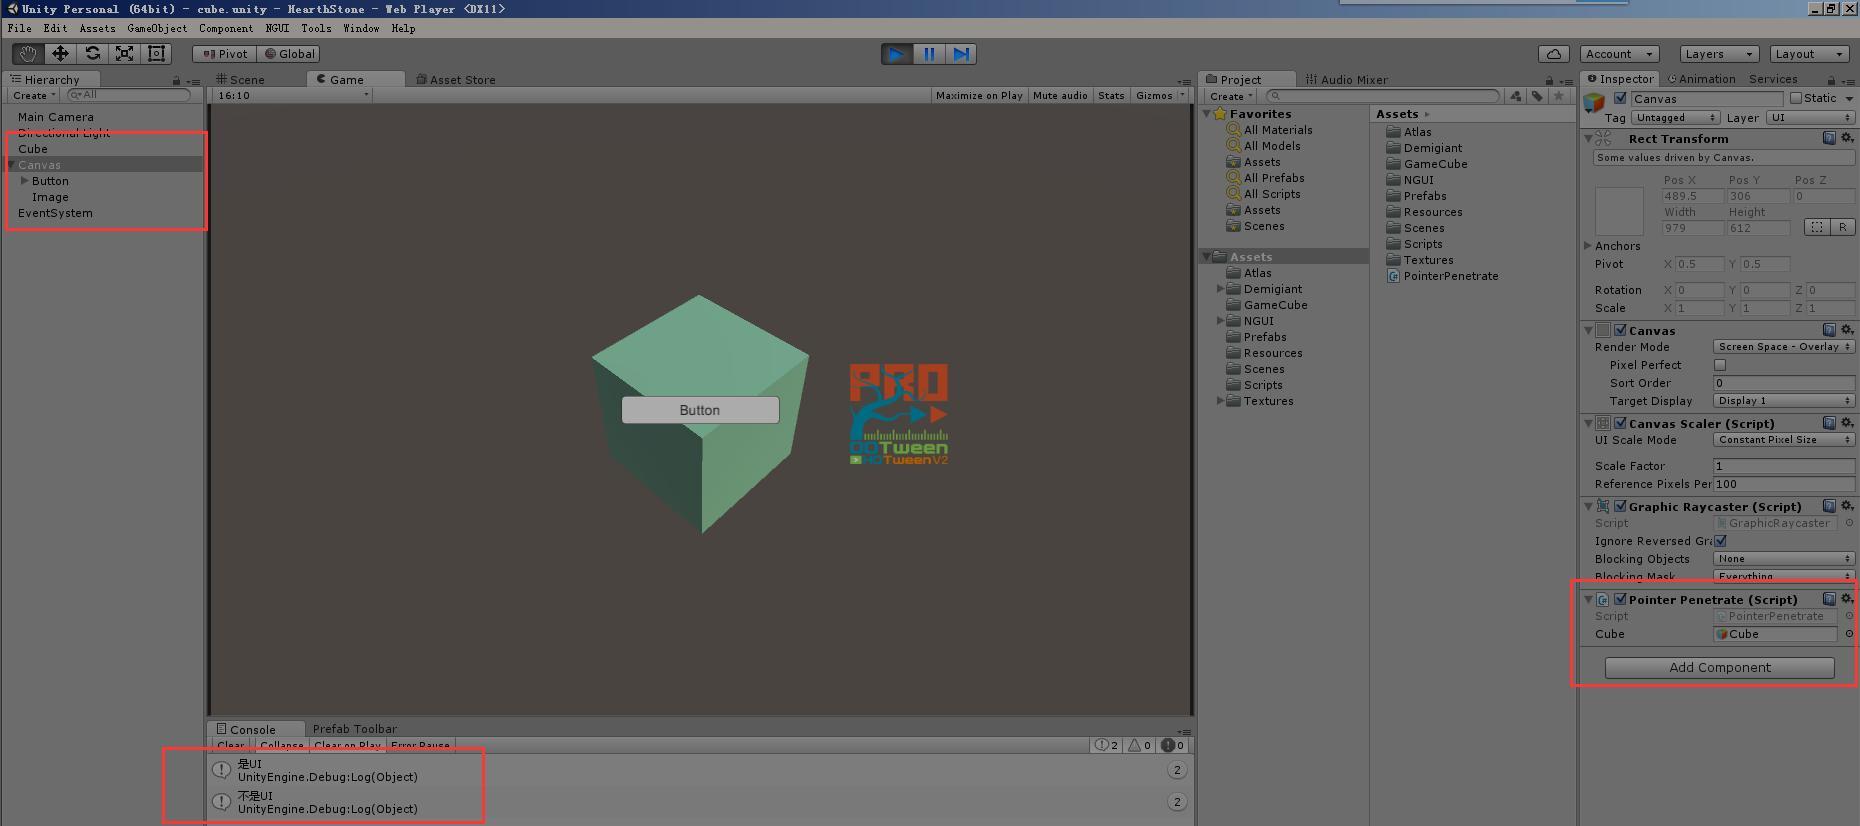 Unity3dUGUI mouse penetration UI problem solution - Programmer Sought